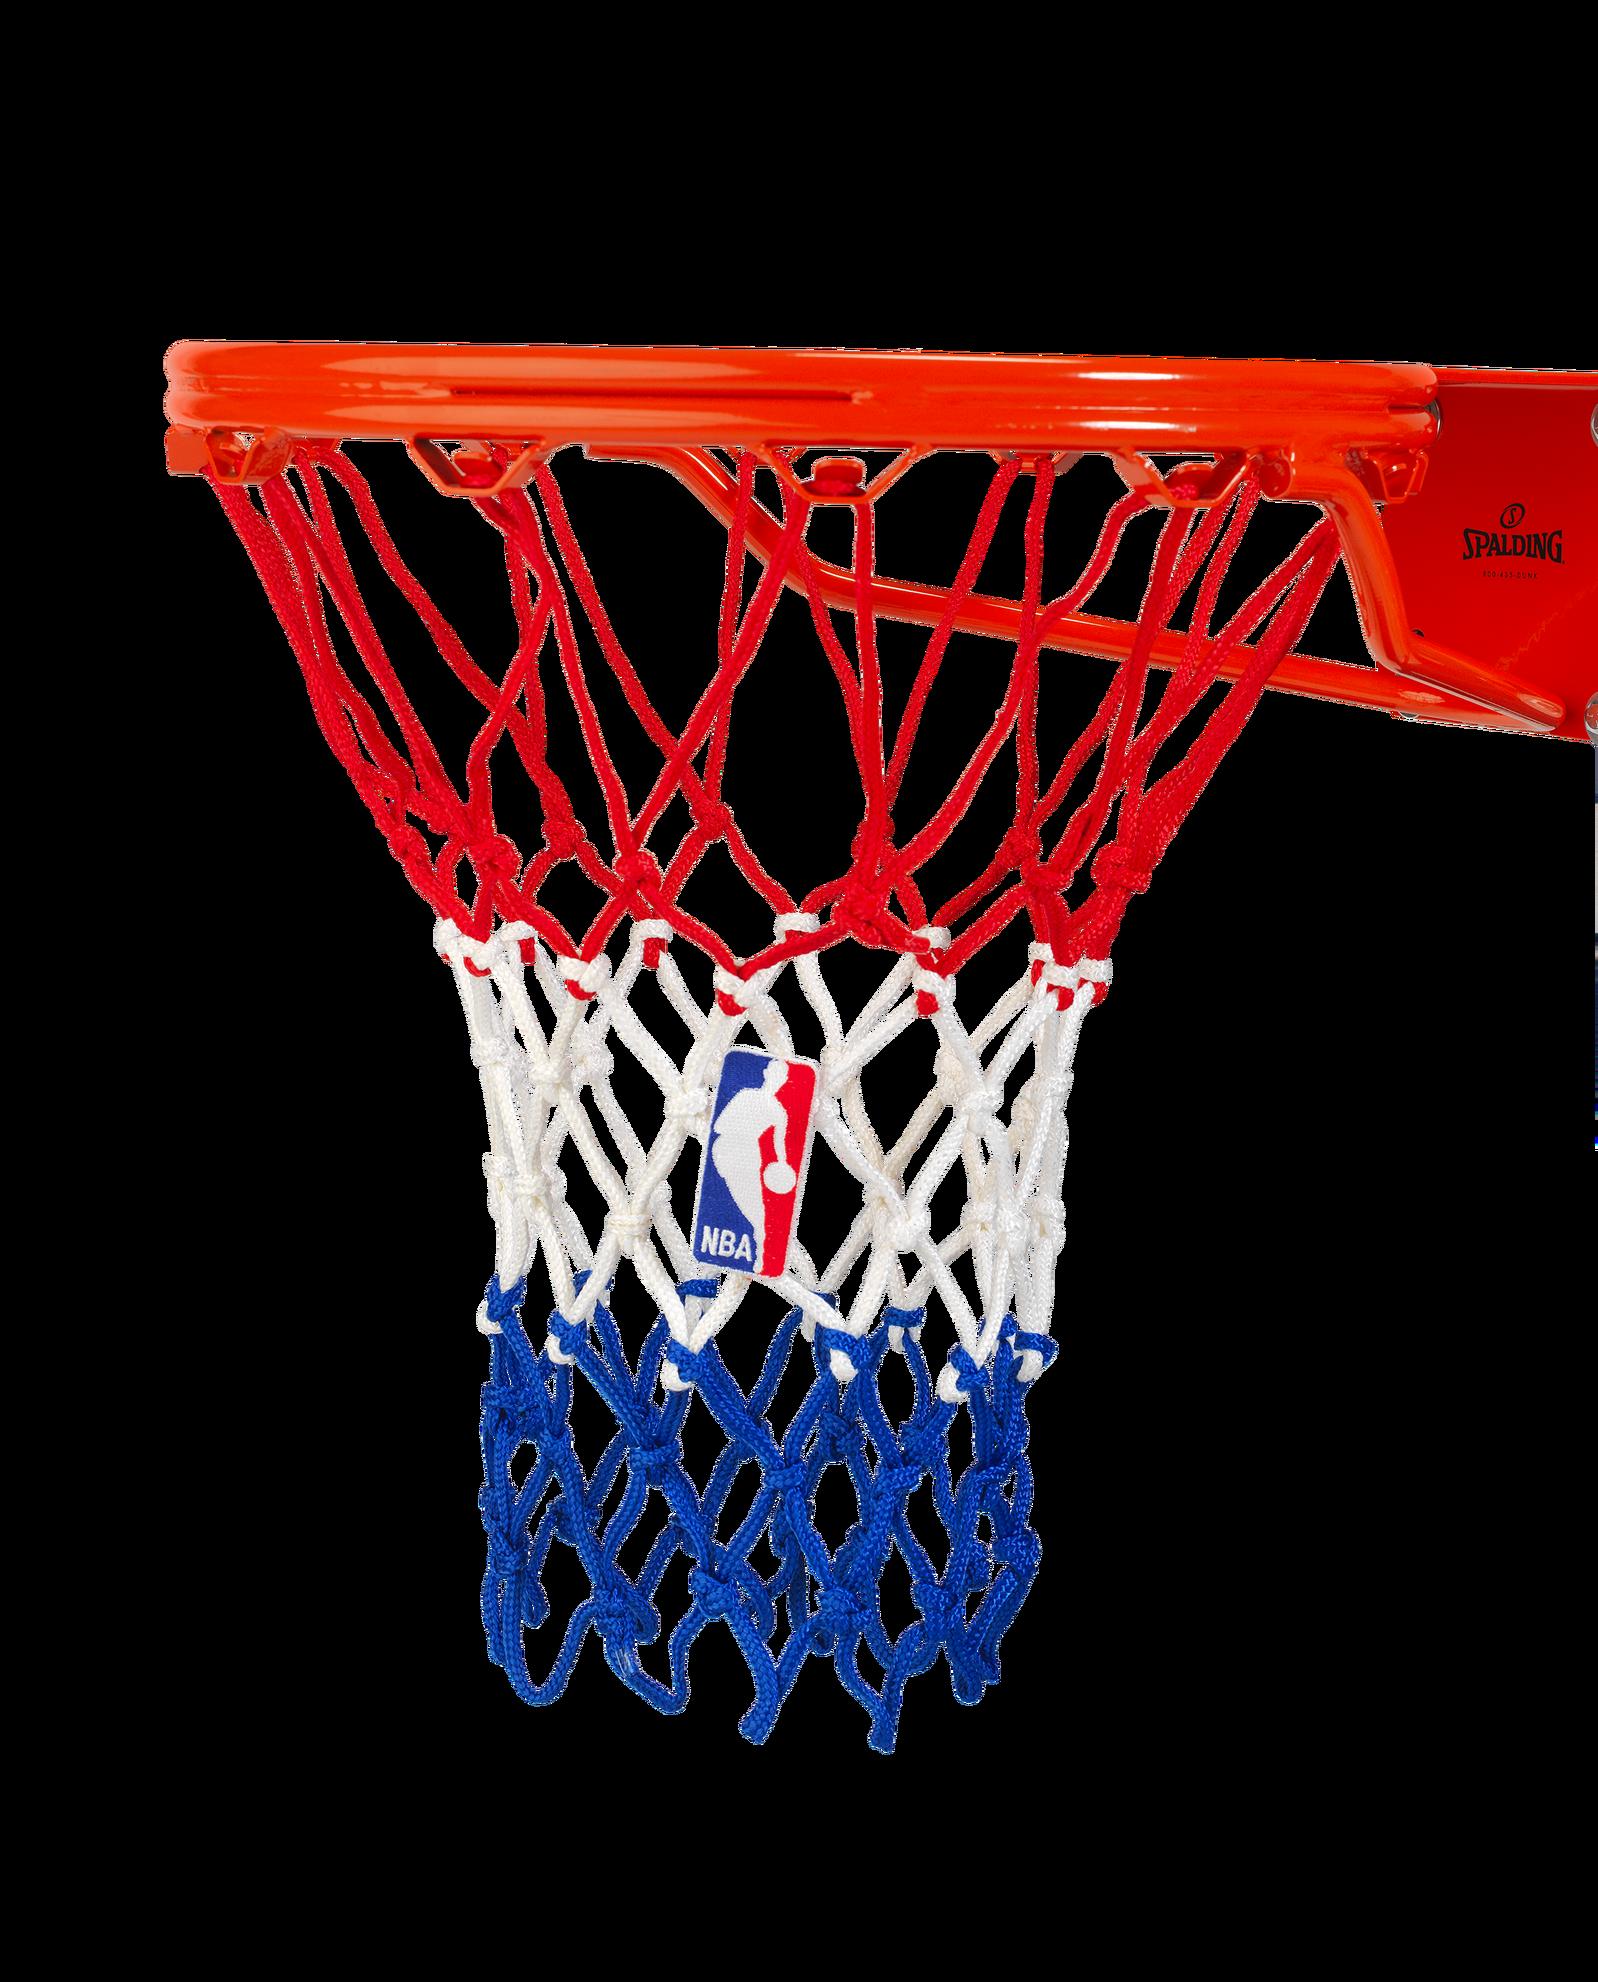 Red basketball hoop clipart jpg transparent stock Basketball Nets PNG Transparent Basketball Nets.PNG Images. | PlusPNG jpg transparent stock